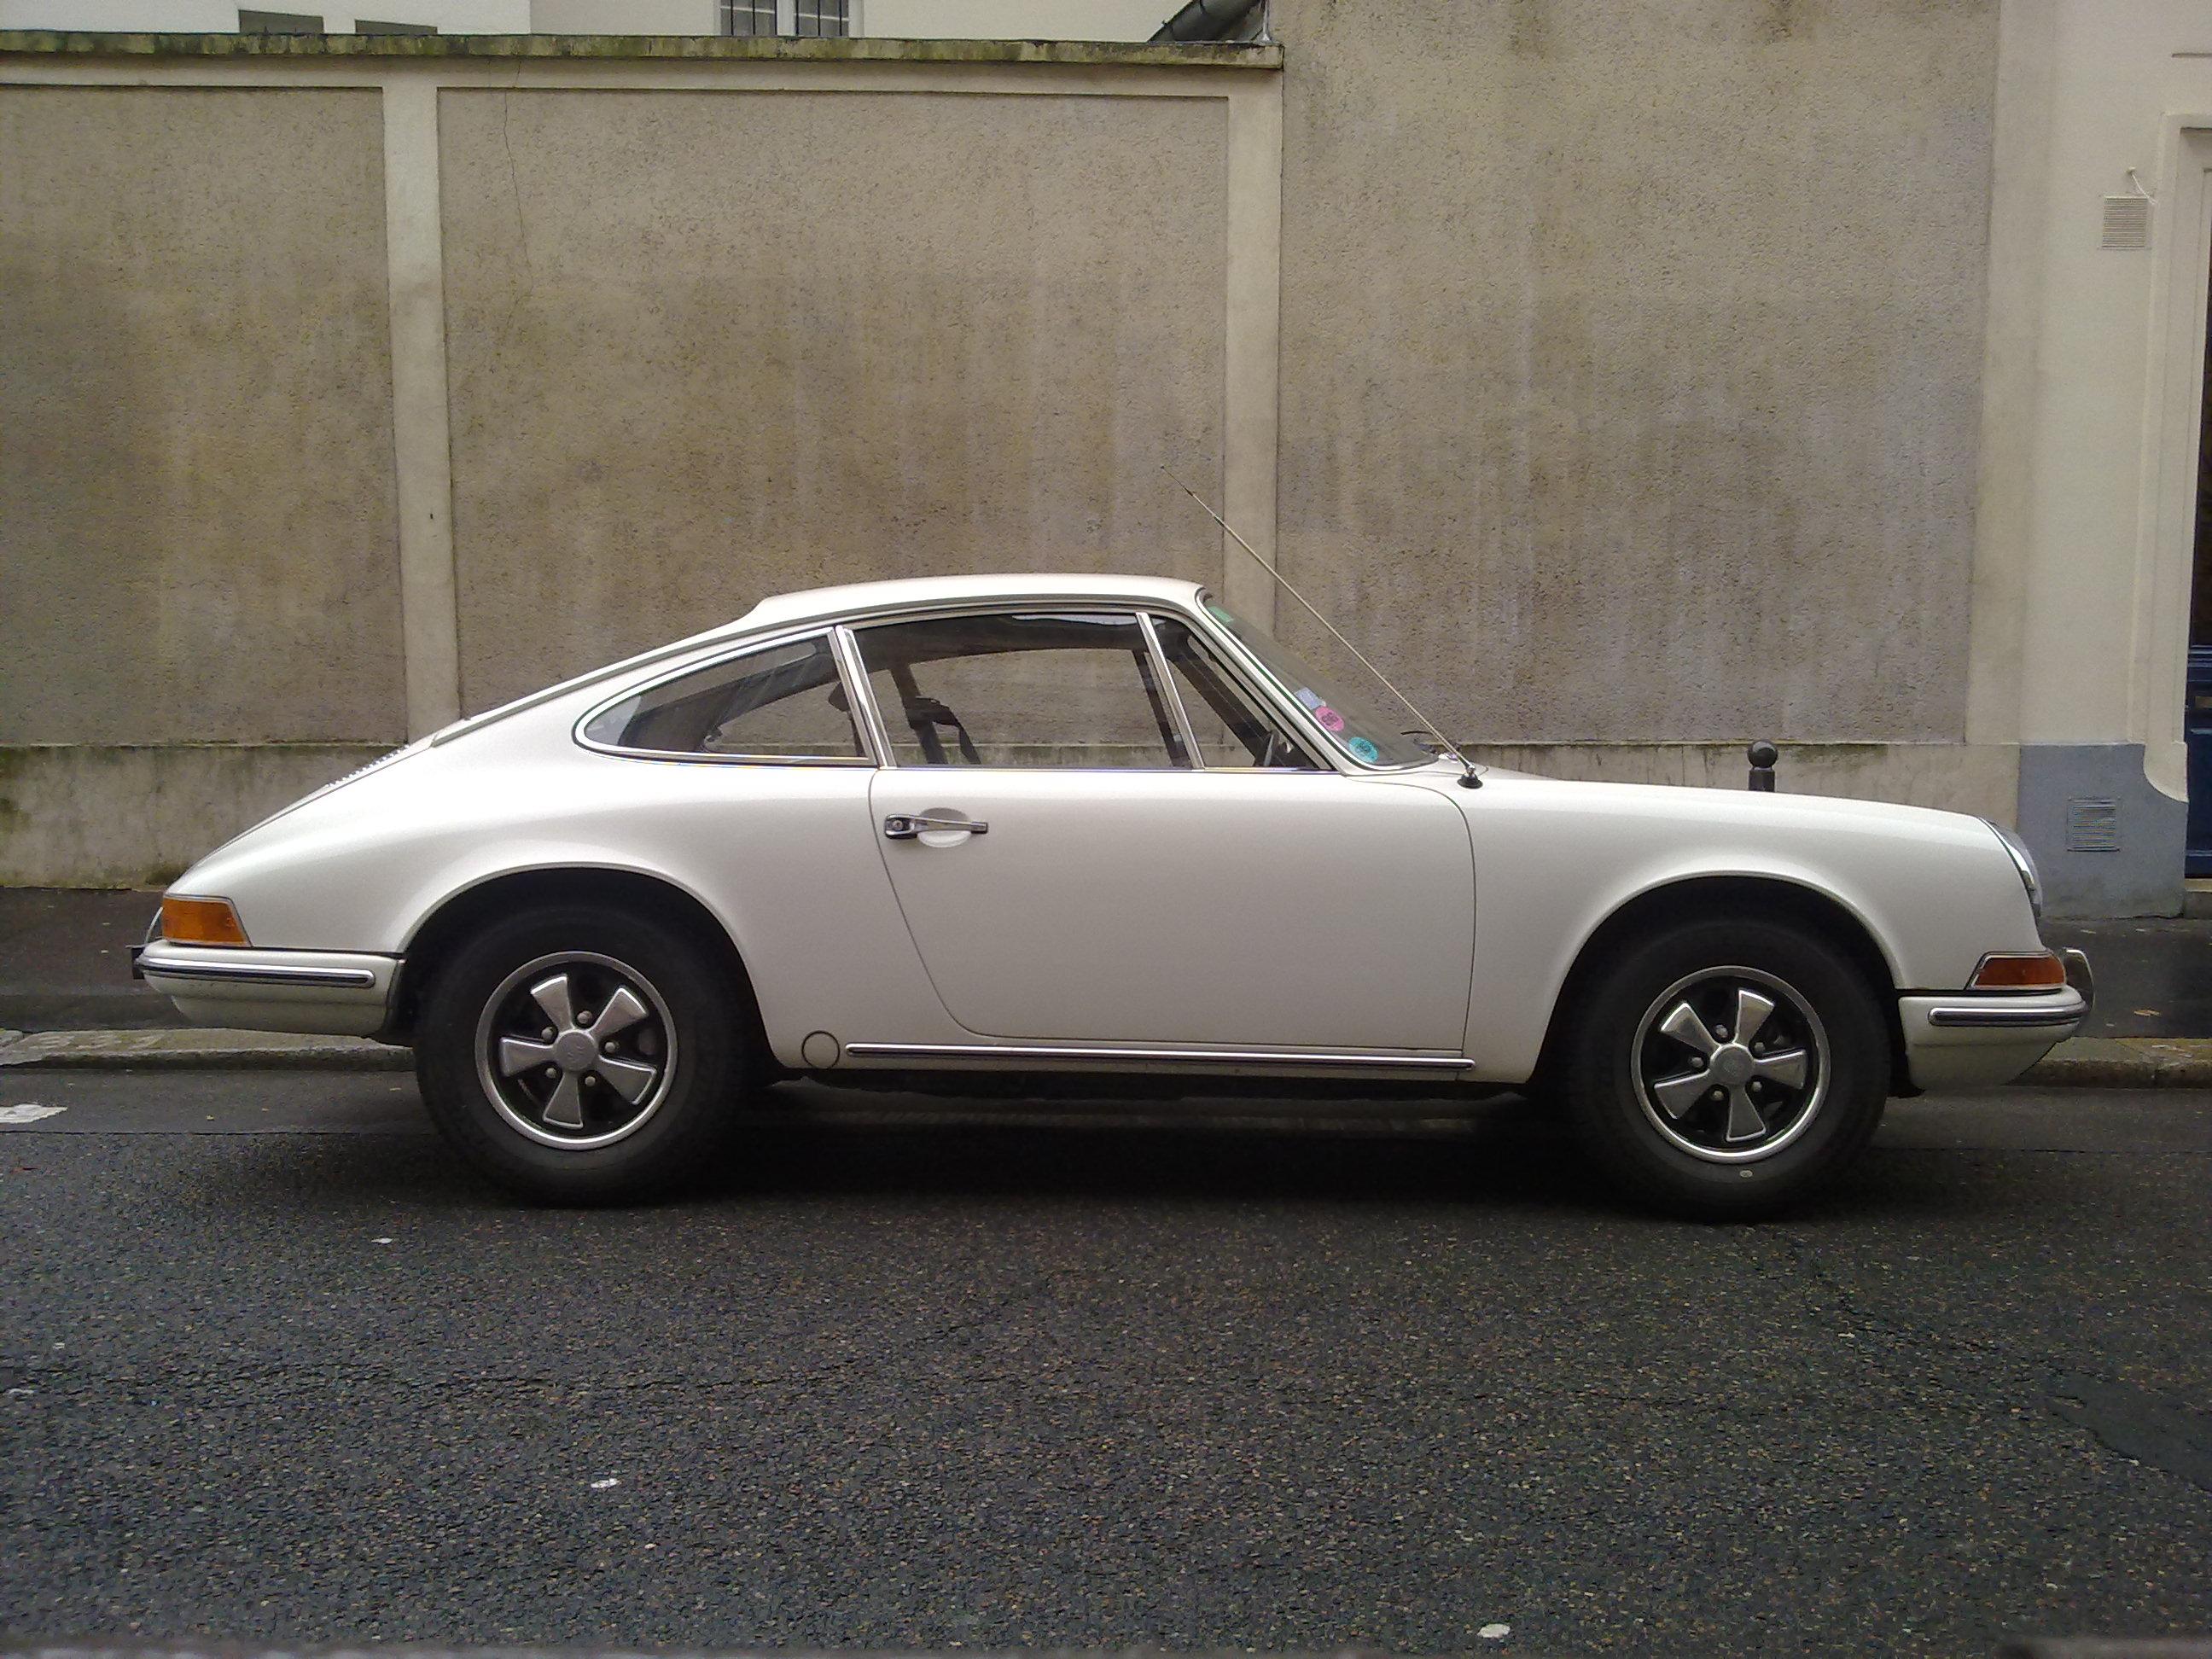 File:Porsche 912 Side view.jpg